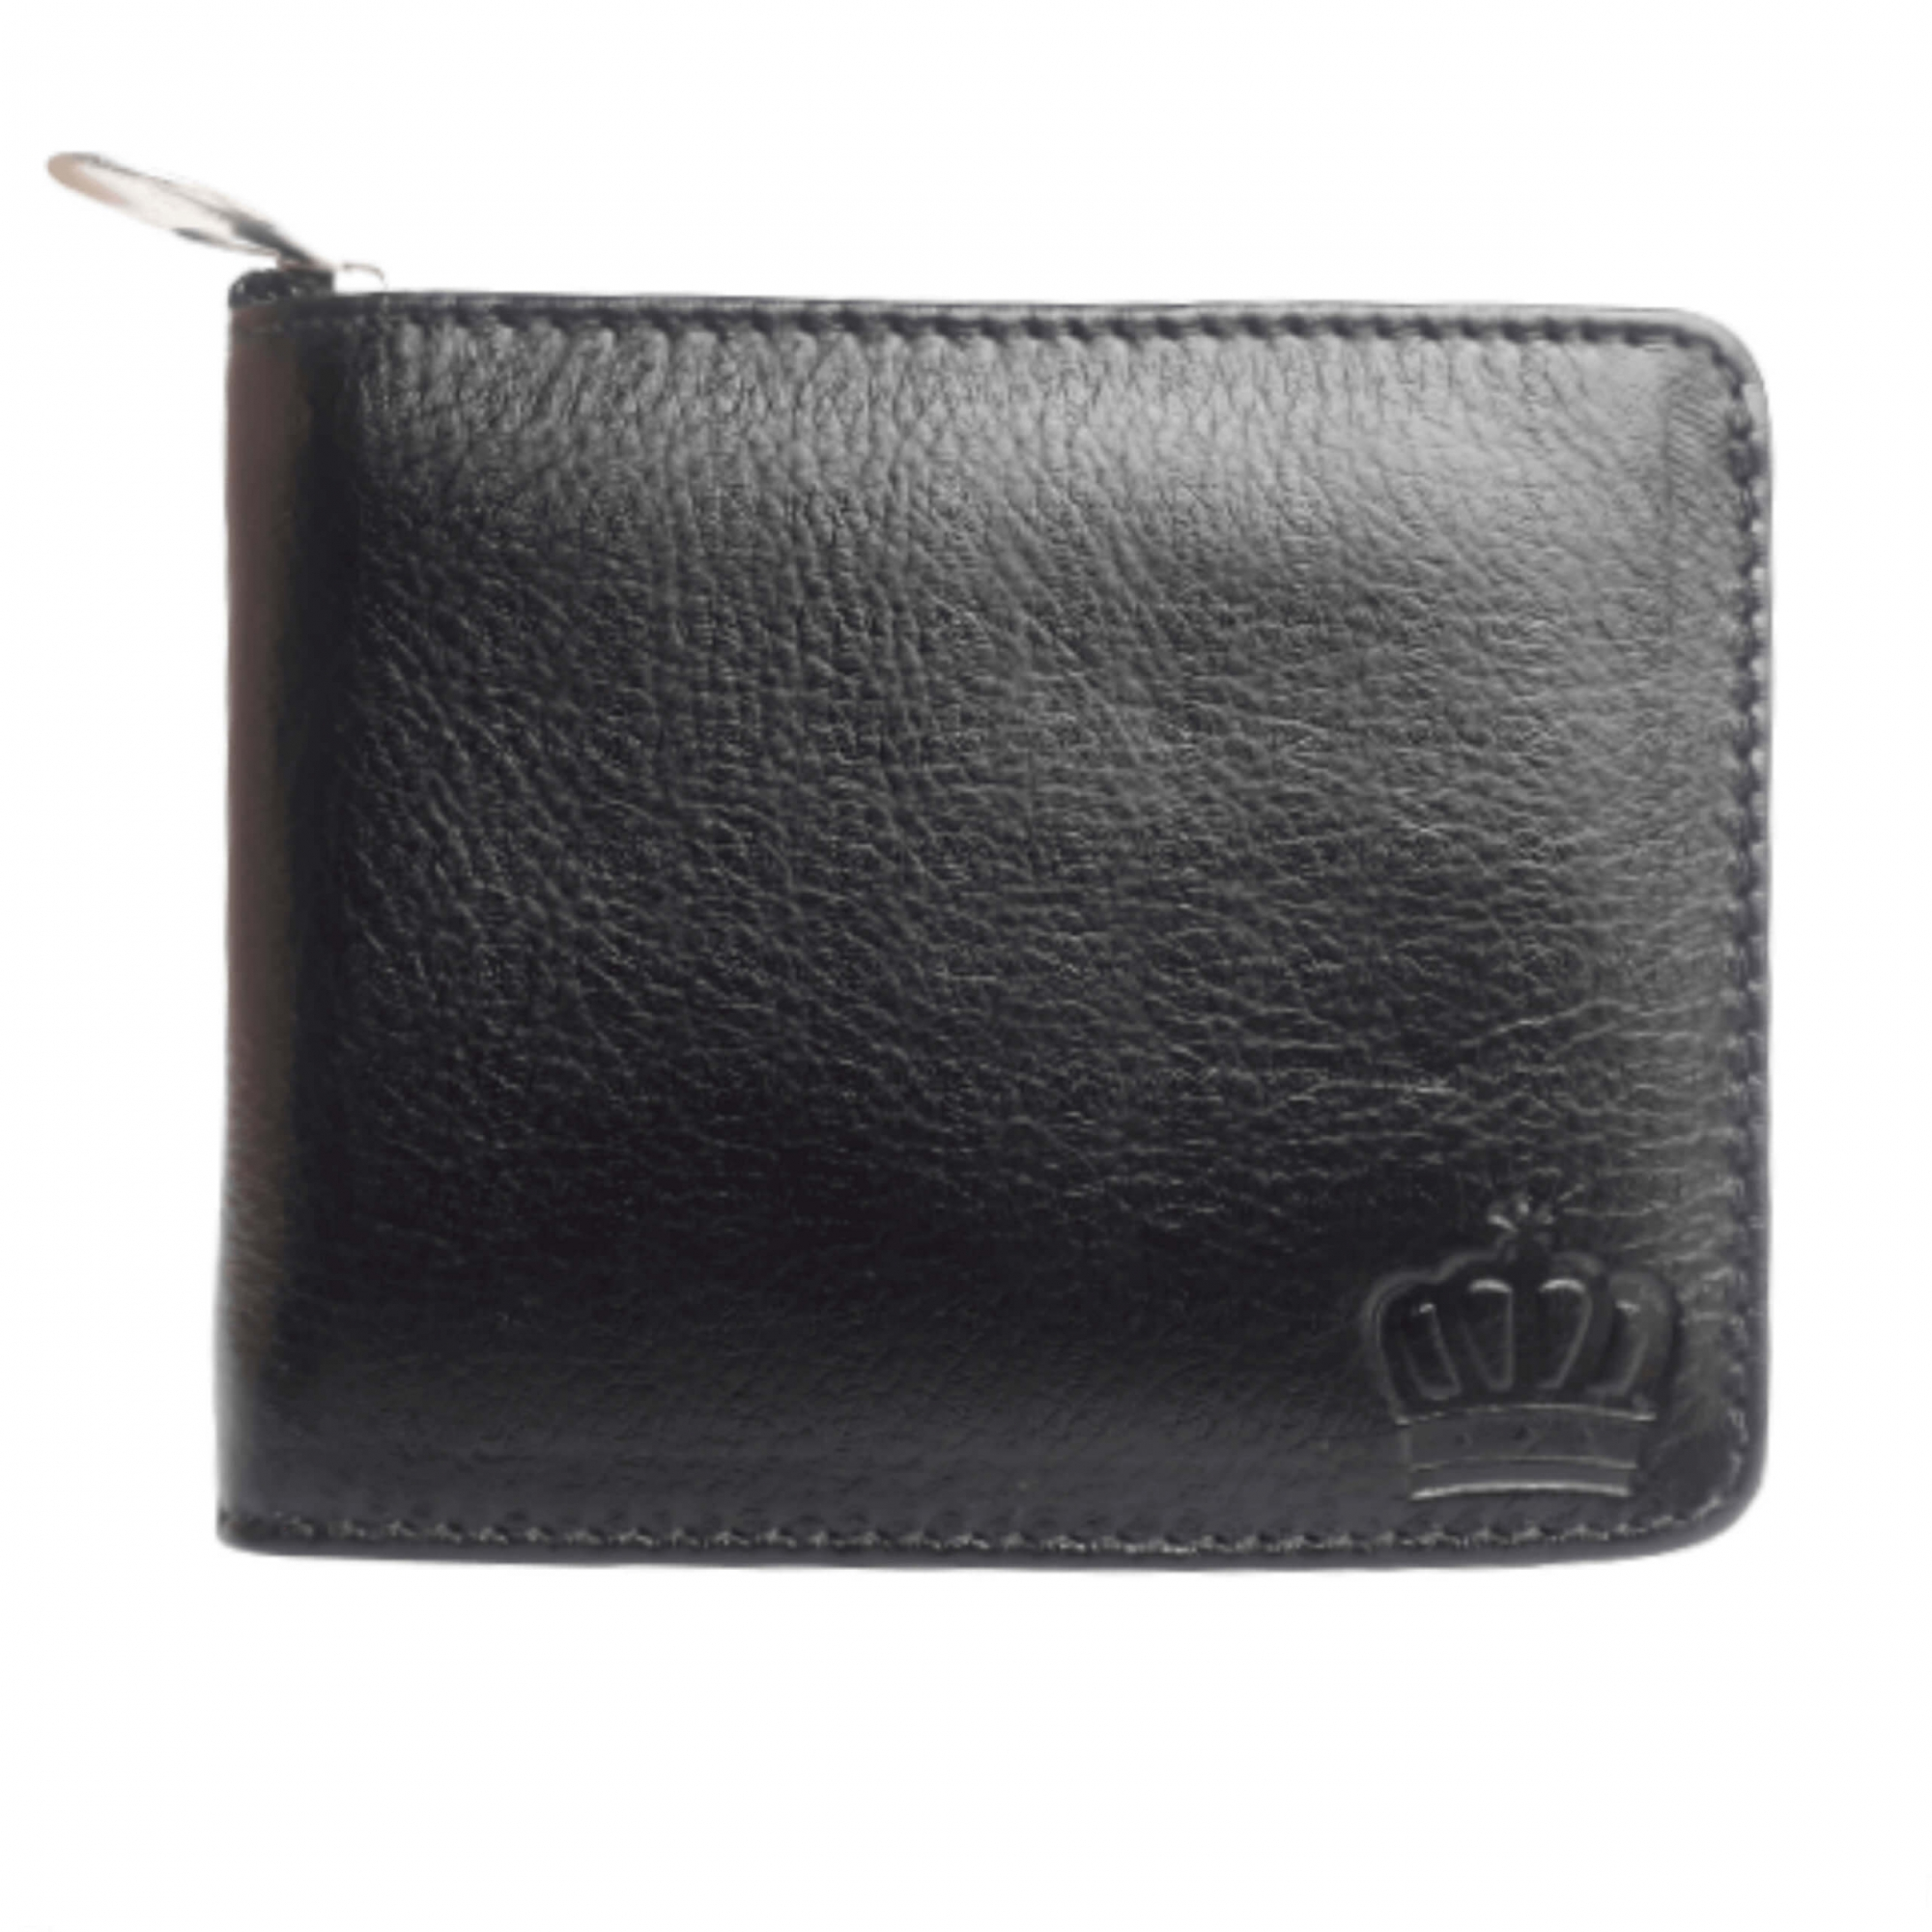 Carteira Masculina De Couro com ziper moderno porta cartão moedas Luxxo